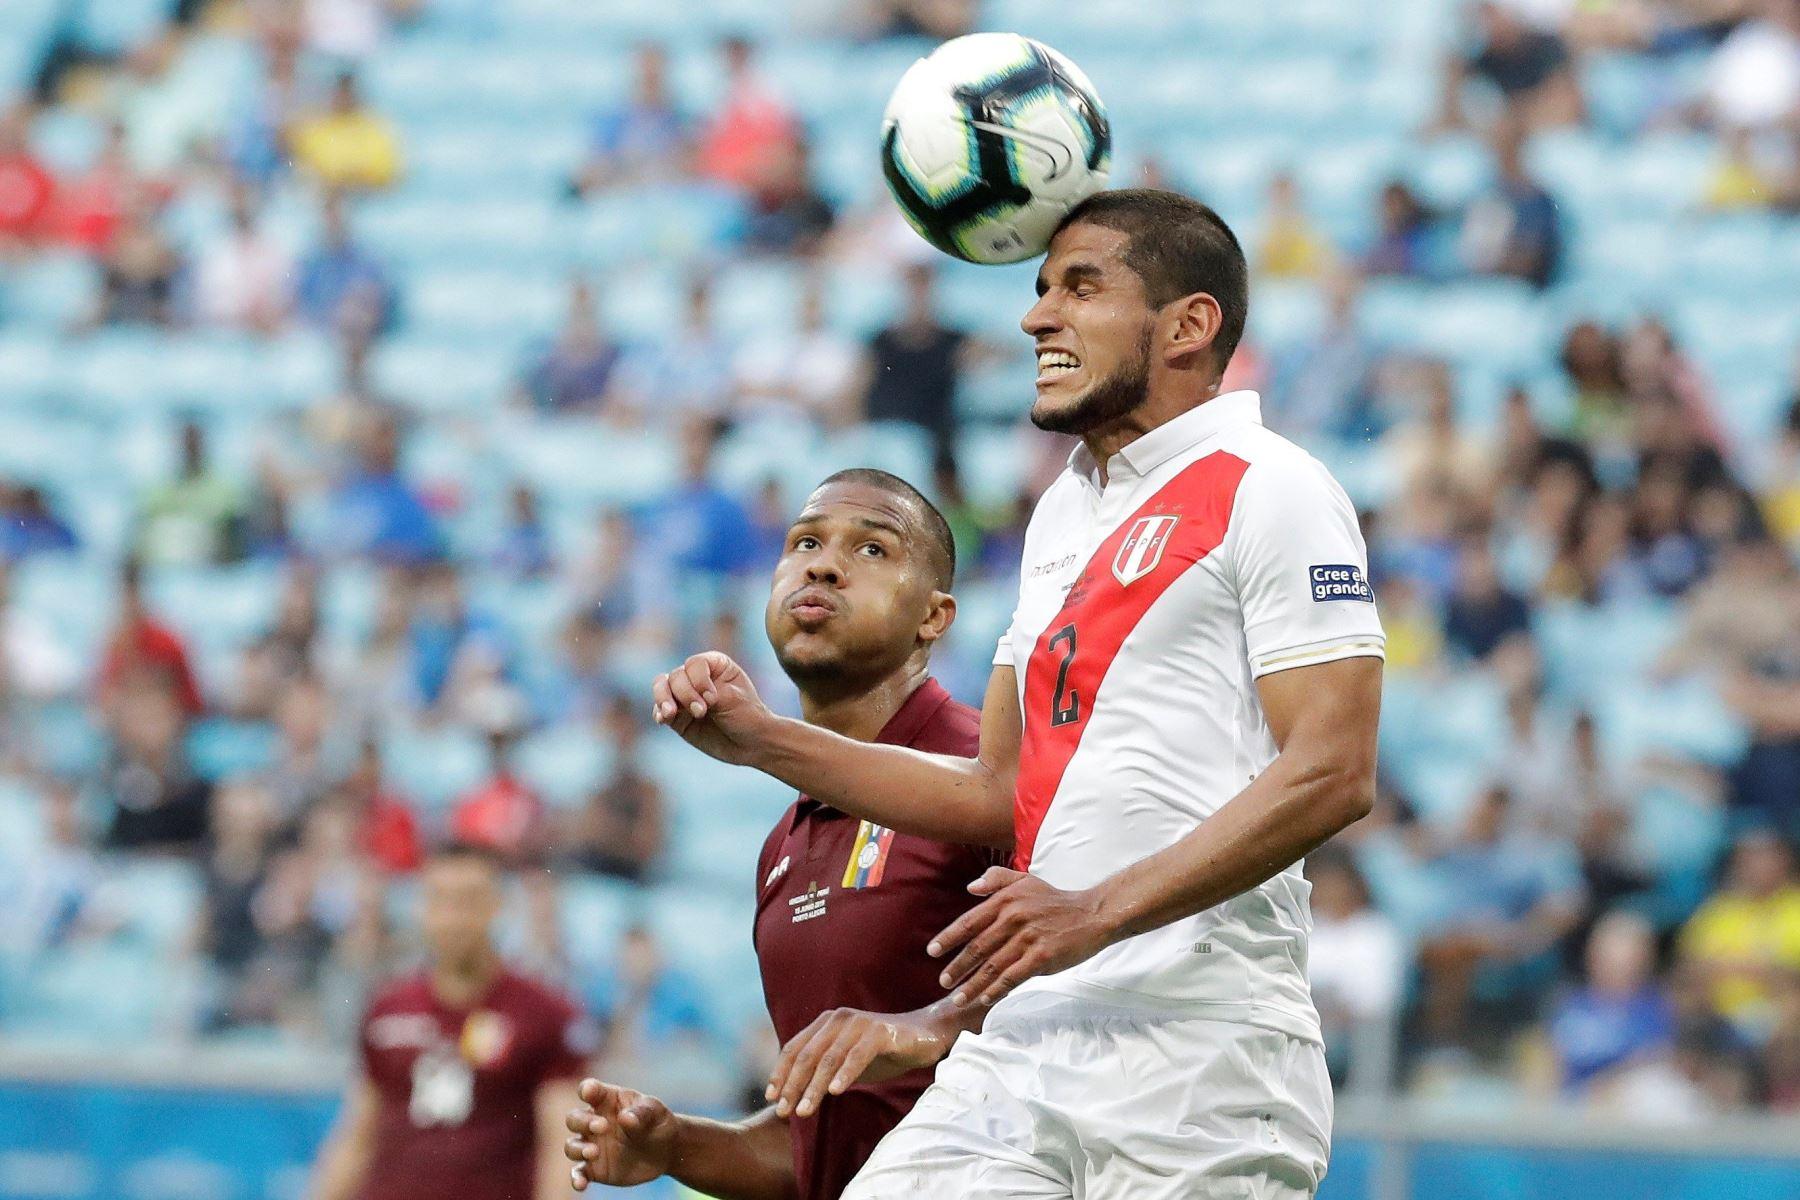 Luis Abram (d) de Perú salta por el balón durante el partido Venezuela-Perú del Grupo A de la Copa América de Fútbol 2019, en el Estadio Arena de Grémio de Porto Alegre, Brasil. Foto:EFE